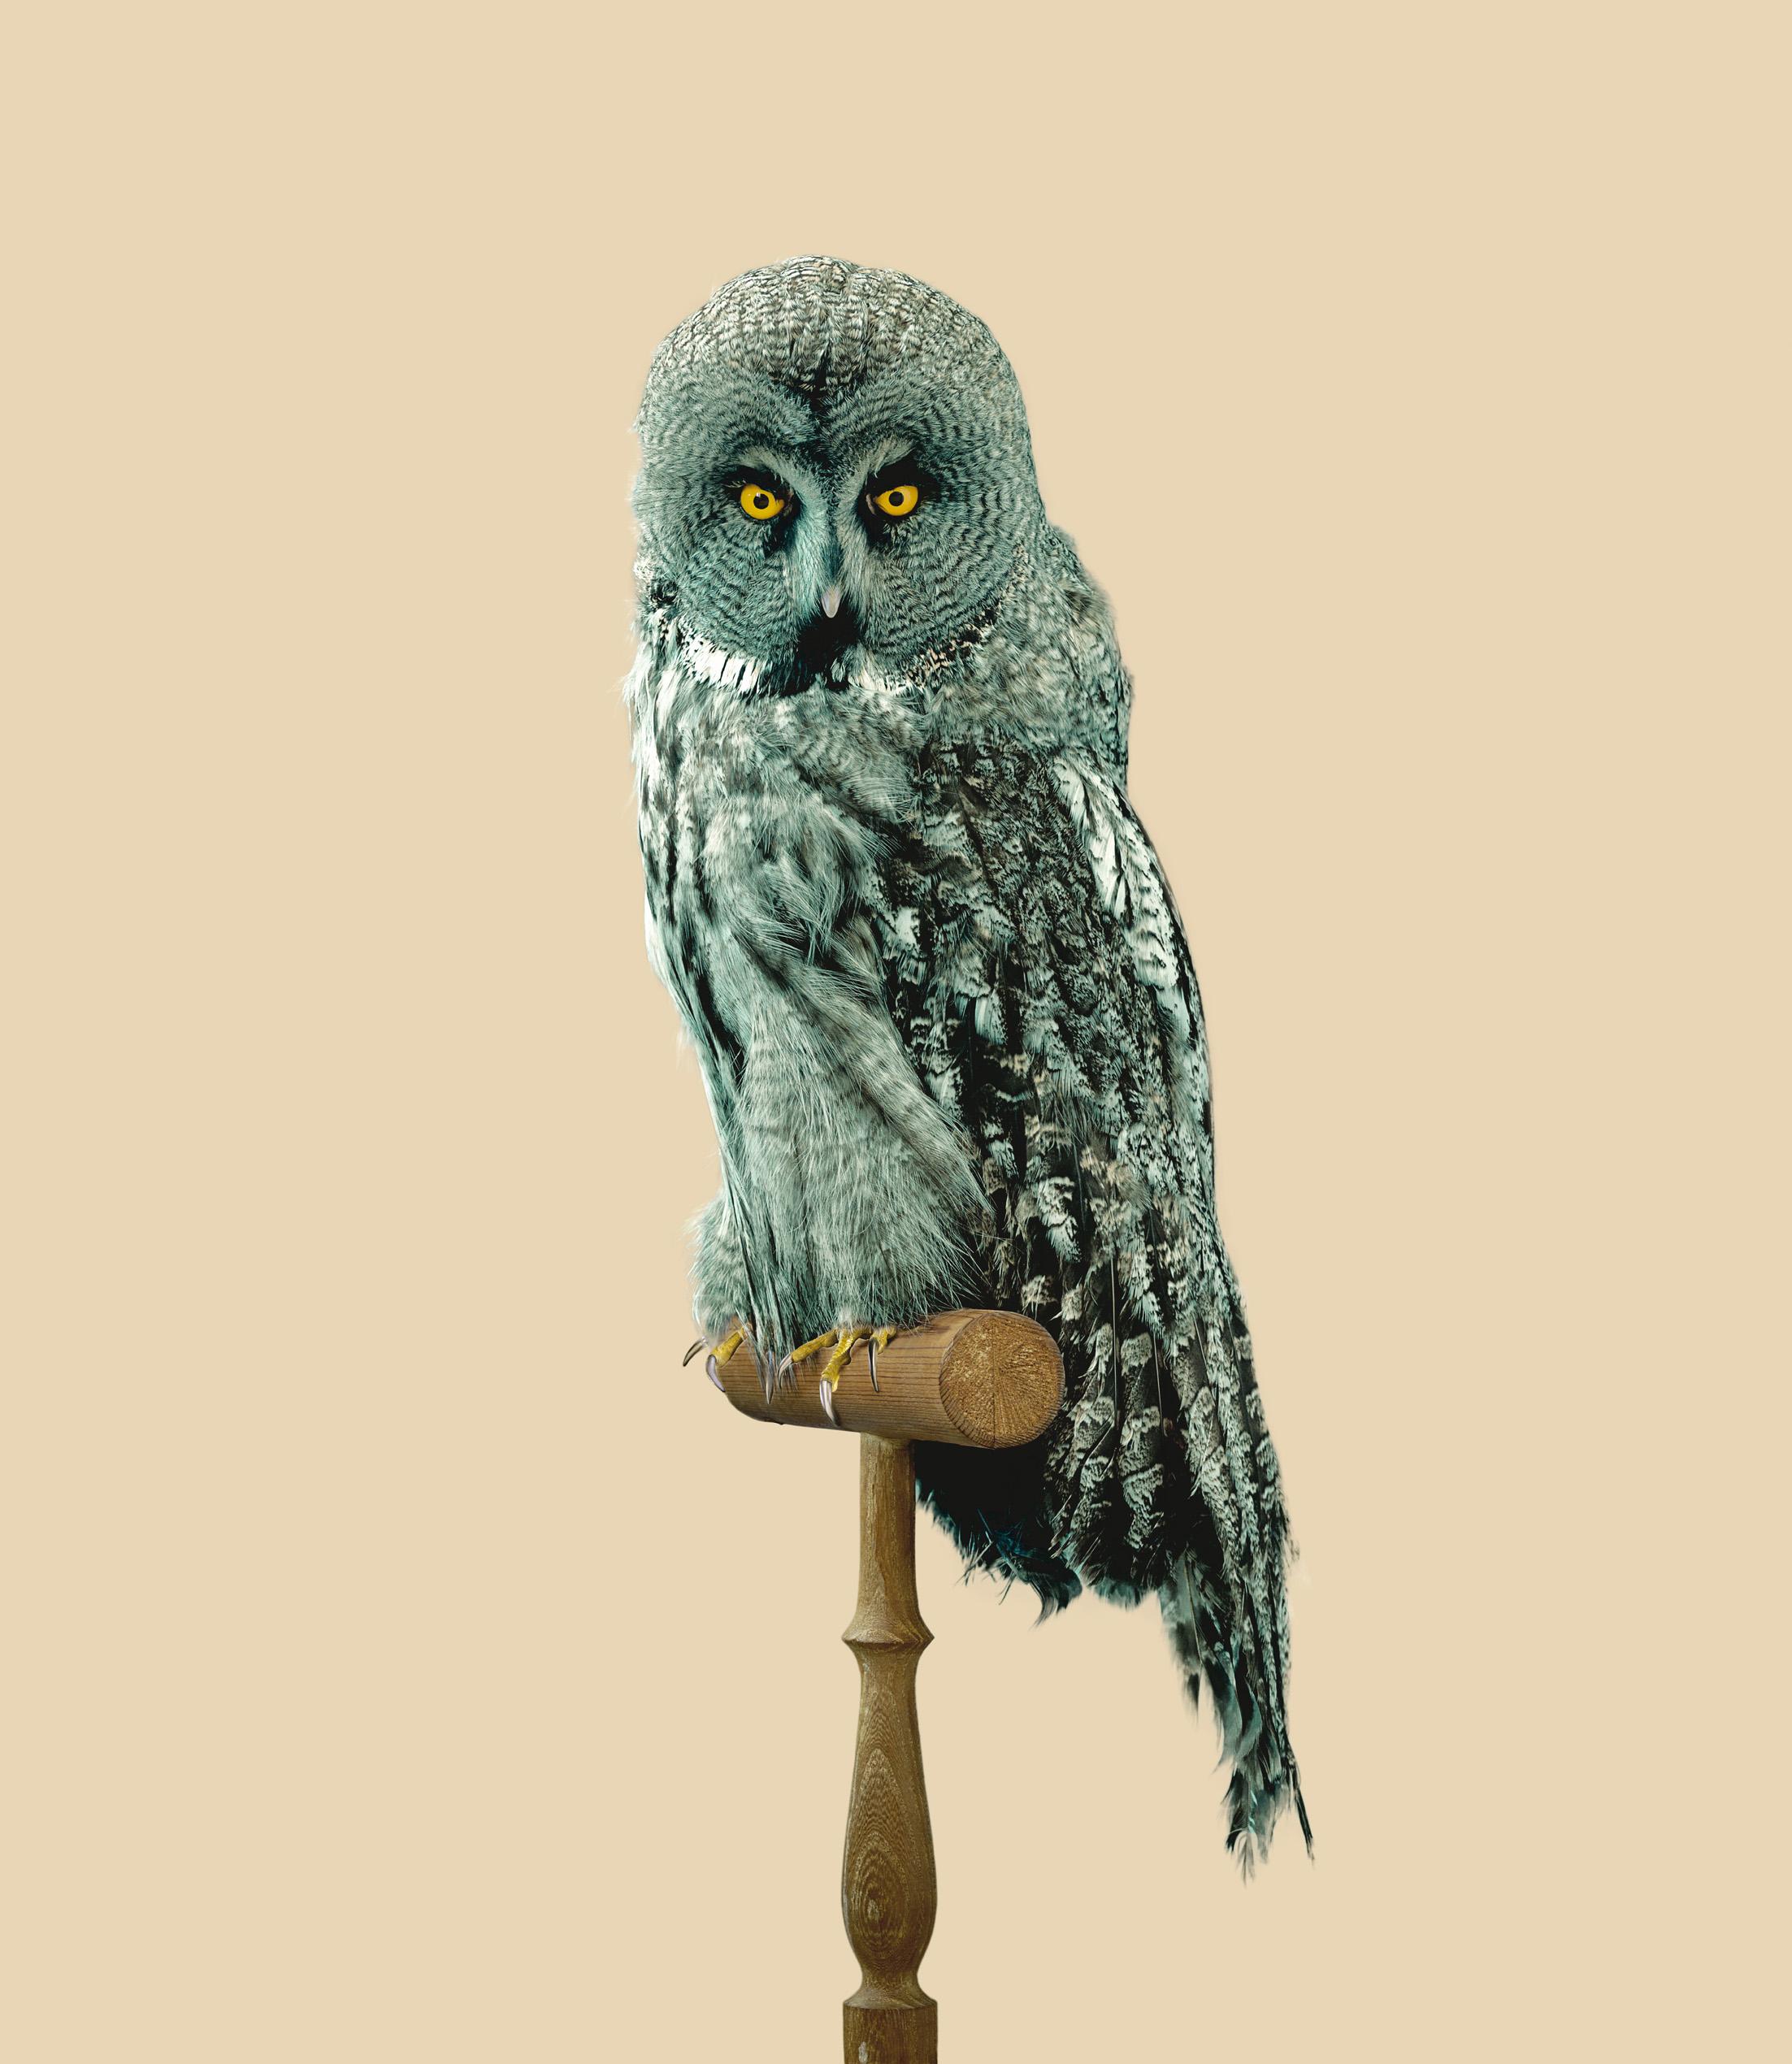 GREAT GREY OWL [Strix predatoris]   90 x 78,6 cm // 35.43 x 30.94 inch.